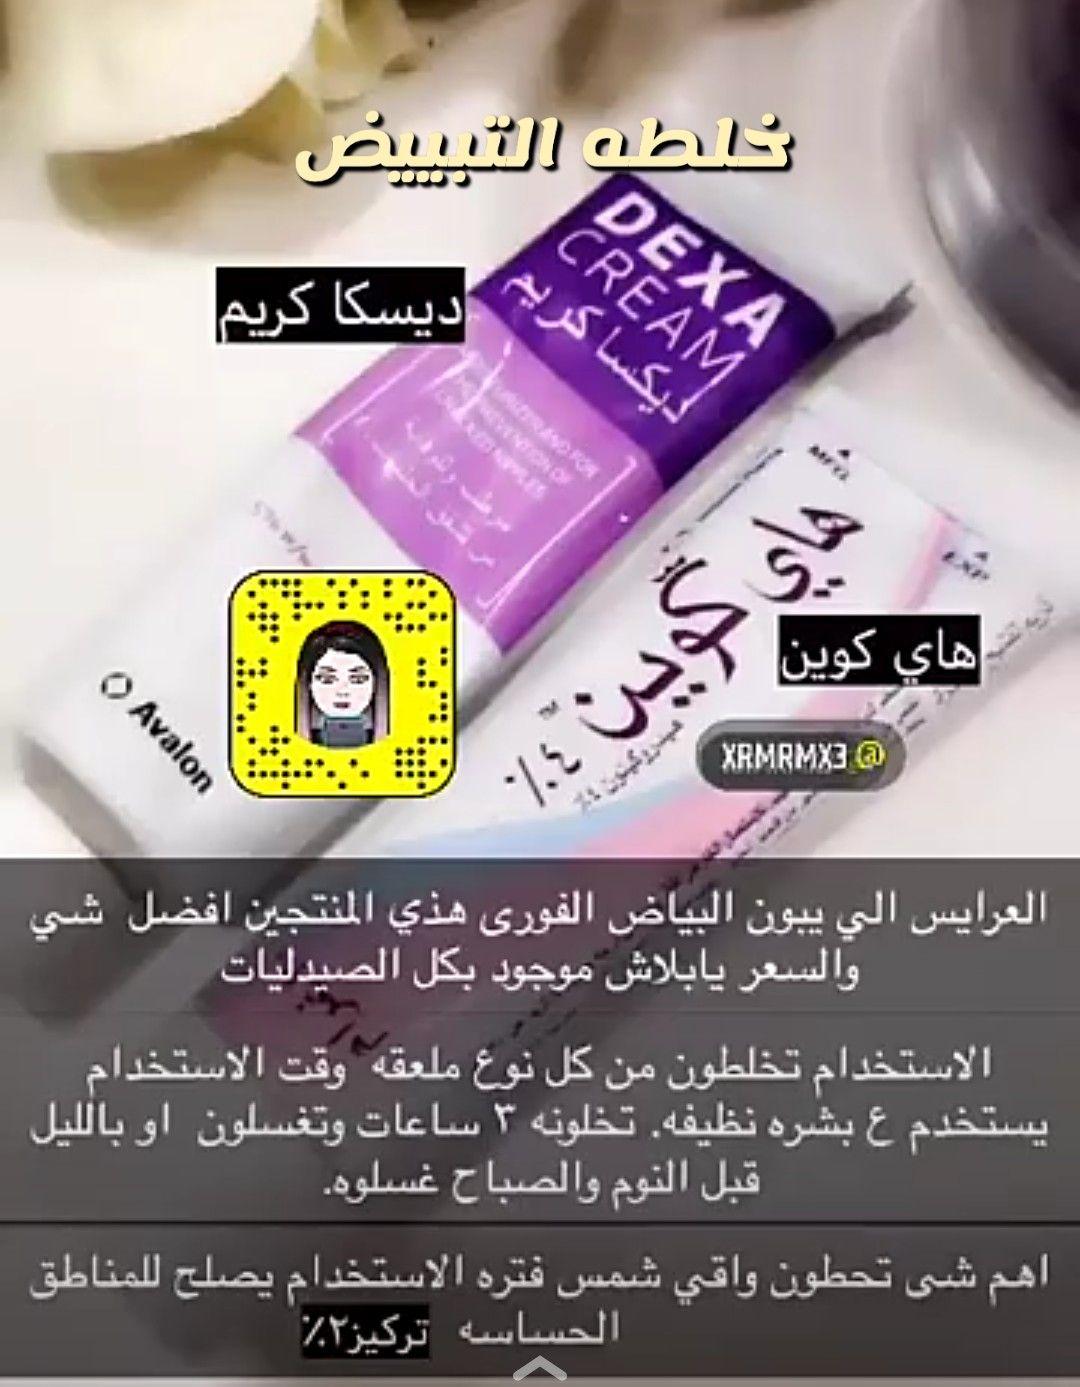 Pin By Zaaha 23 On علاج مشاكل الوجة Hand Soap Bottle Soap Bottle Hand Soap